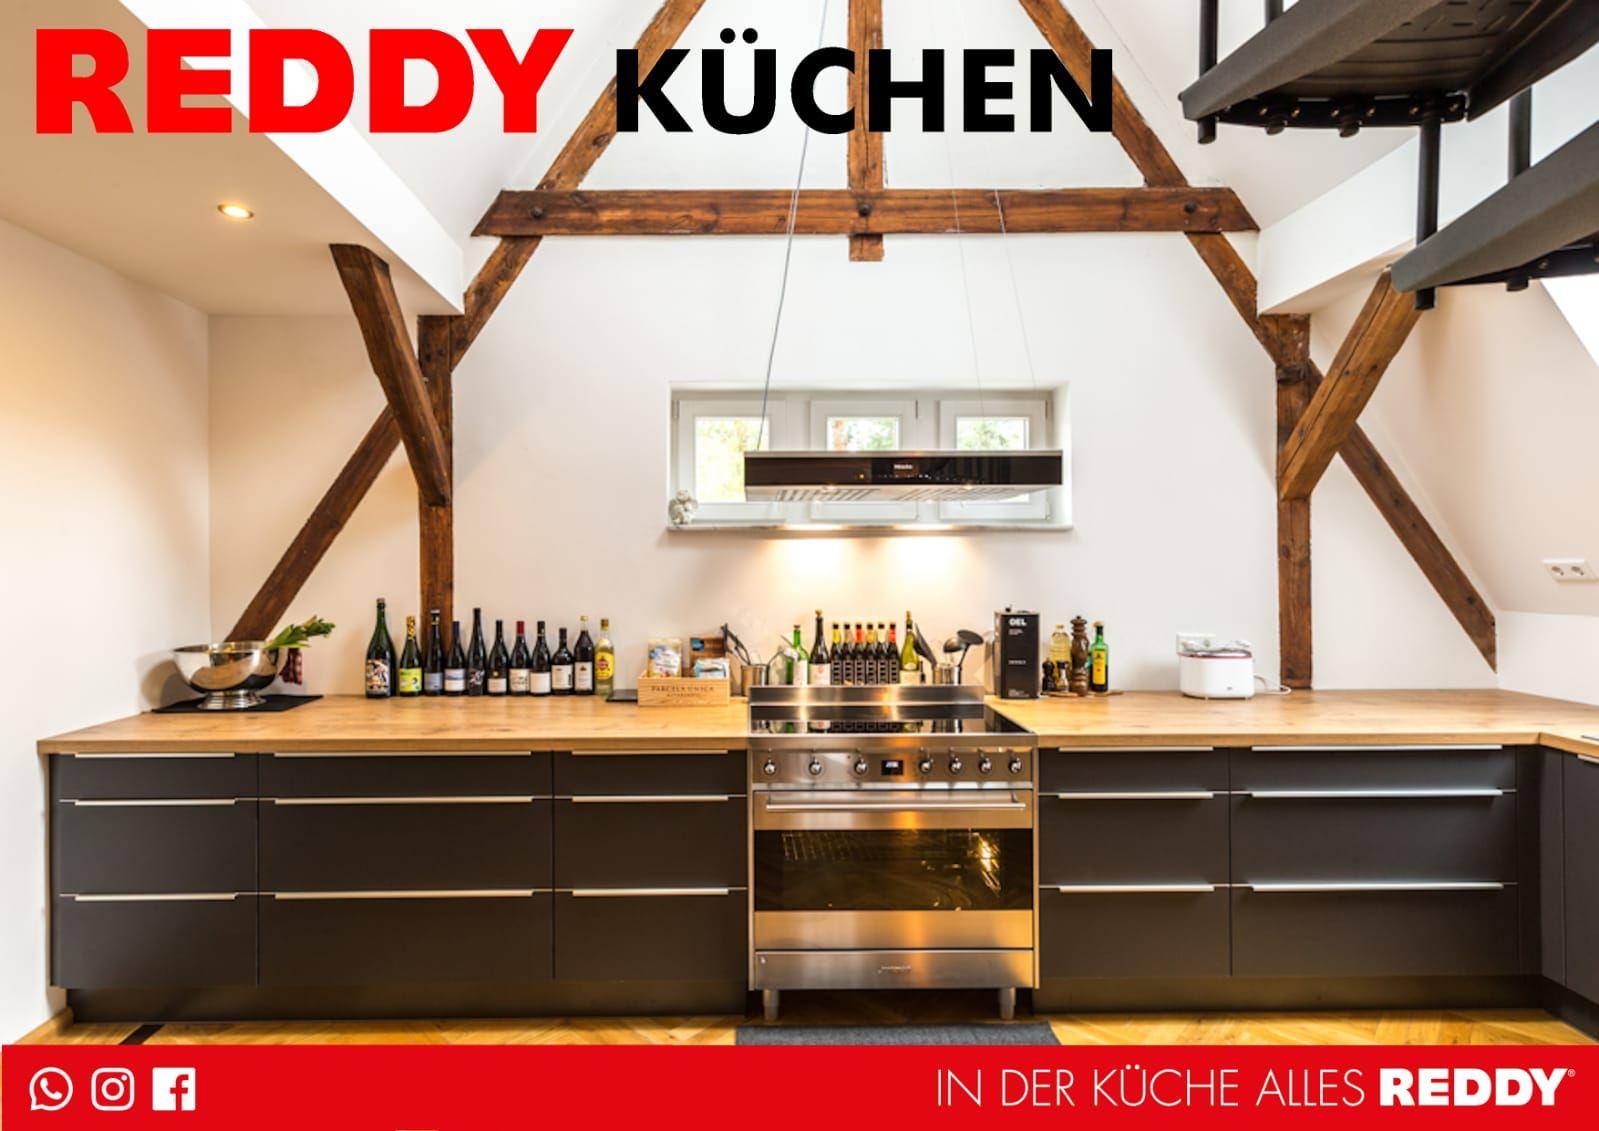 Pin Von Reddy Kuchen Berlin Auf Reddy Kuchen In 2020 Kuche Kuchen Planung Kuchengalerie